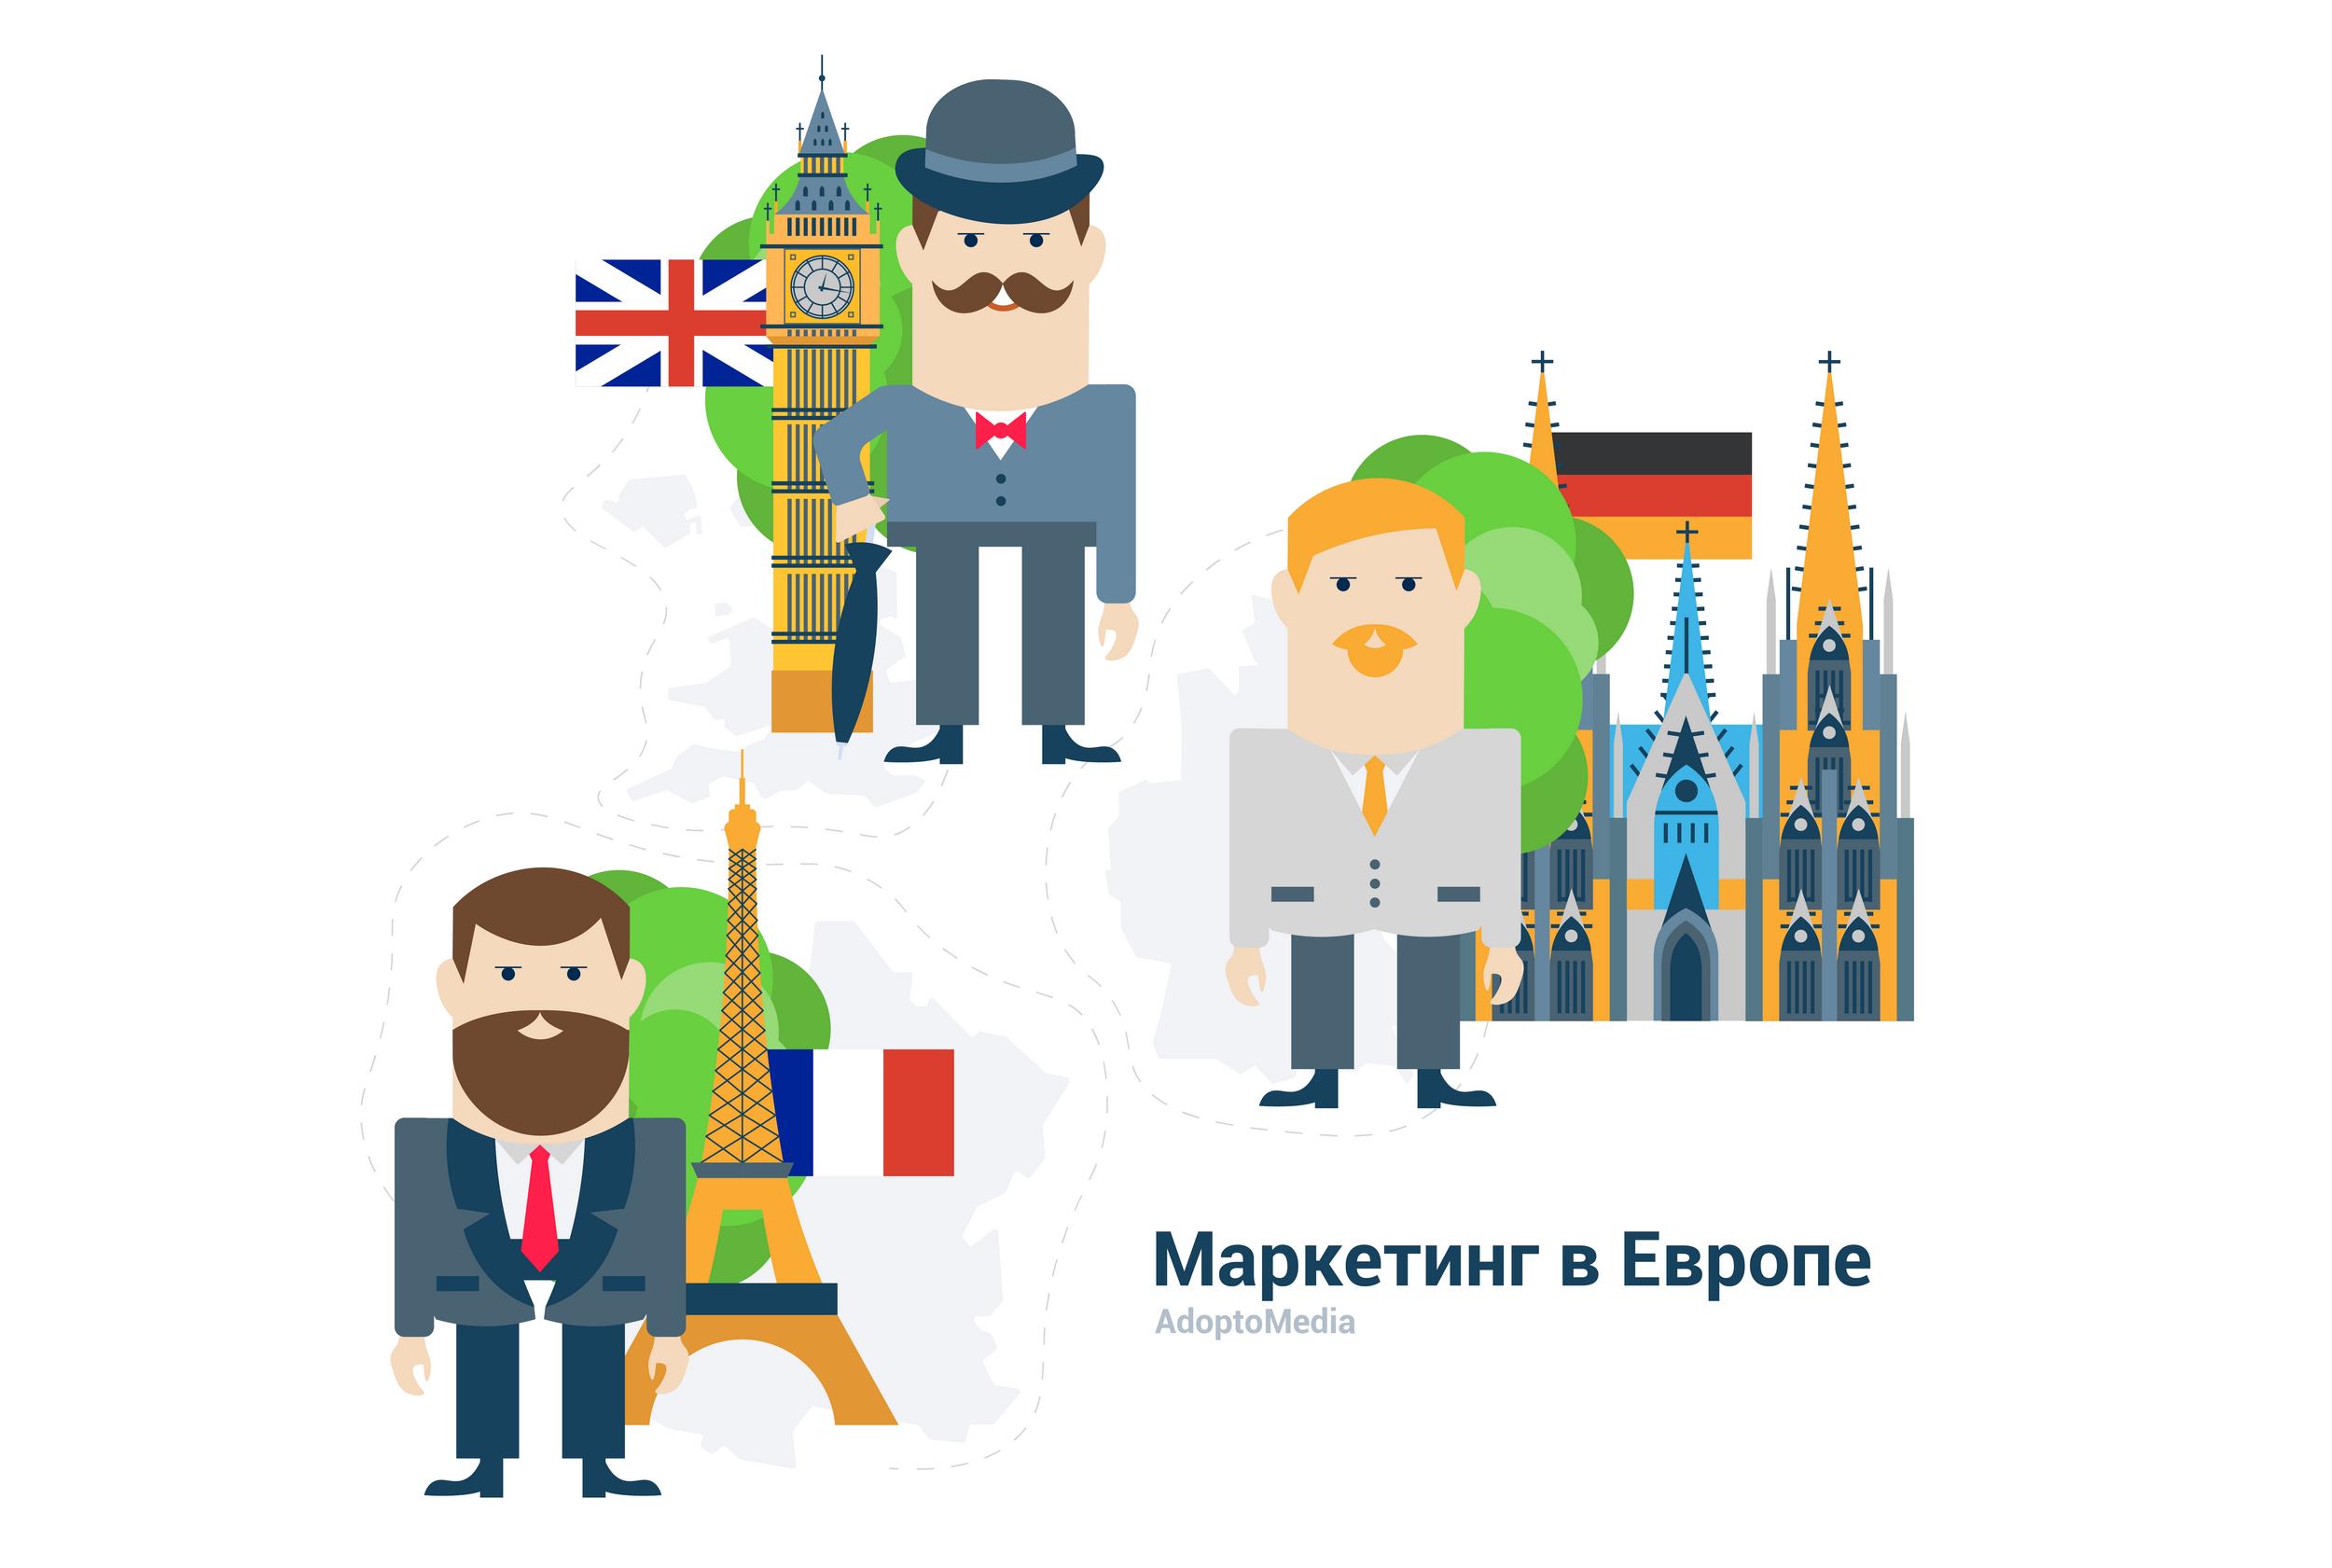 маркетинг в Европе, маркетинг в ЕС, Великобритания, Франция, Германия, маркетинговые тенденции, измерение ROMI, увеличение ROMI, автоматизация маркетинга, маркетинговые технологии